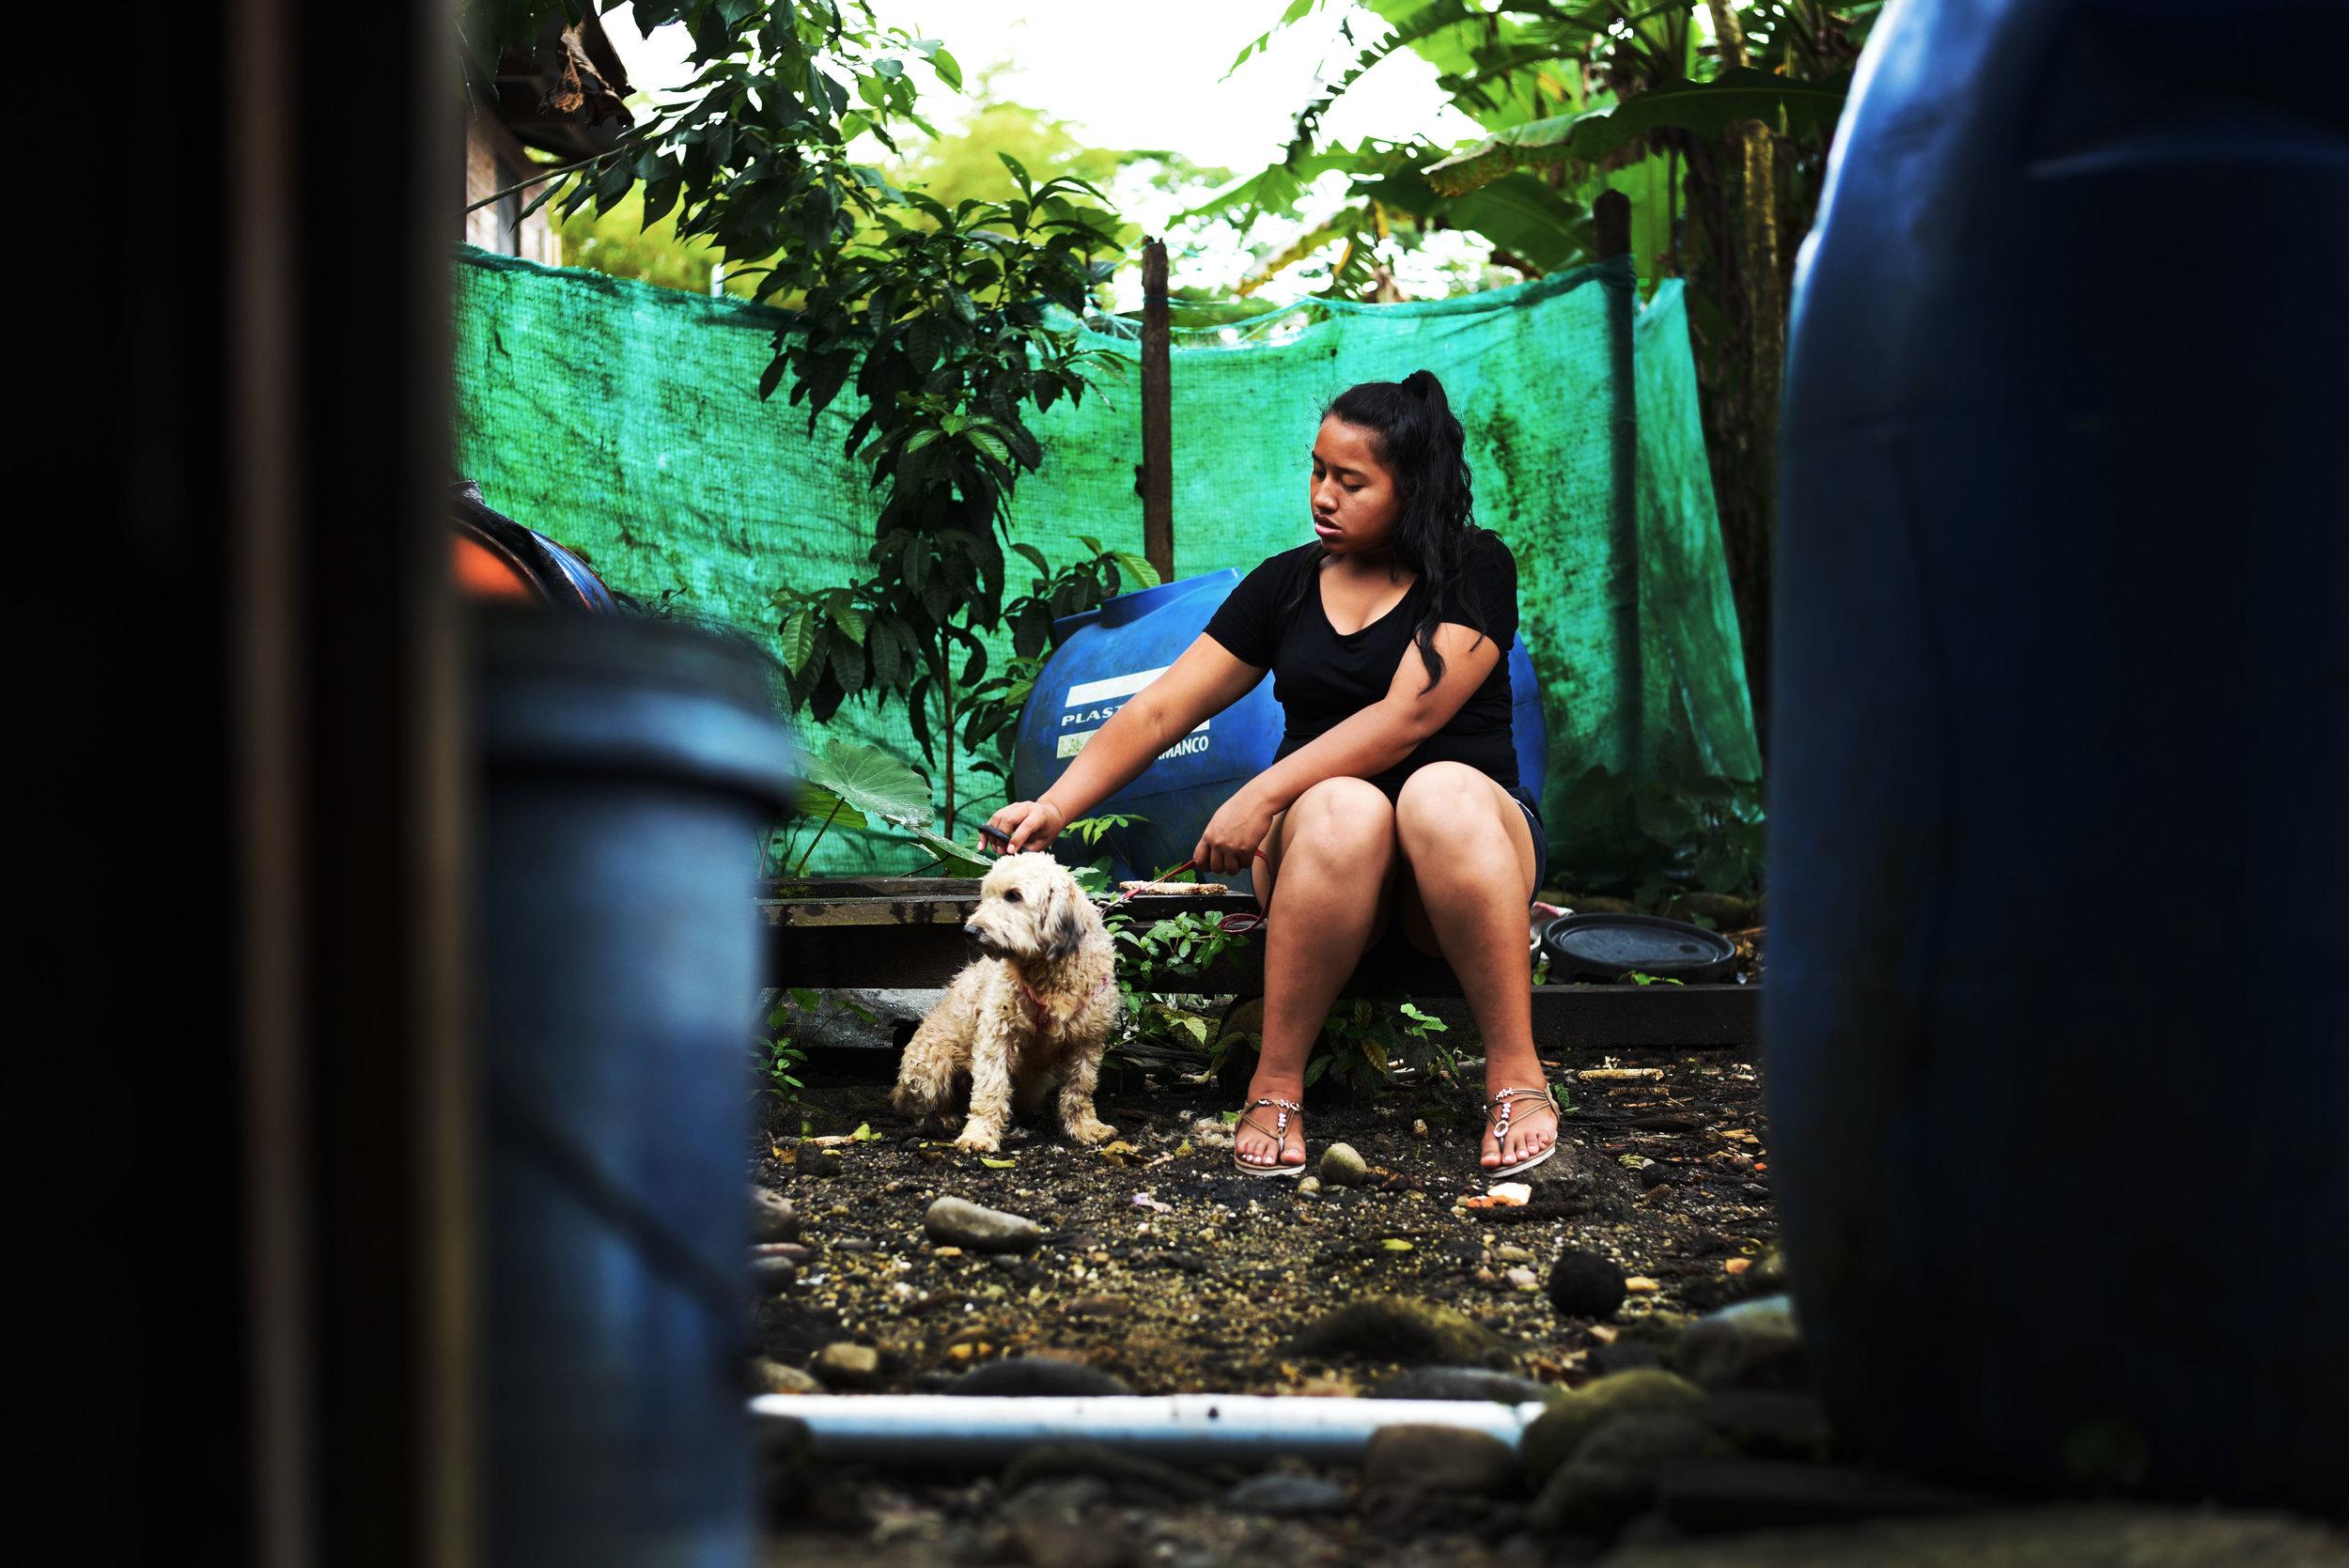 Jocelyn Cortando el Pelo de su Perro//Jocelyn Cutting her Dog's Hair